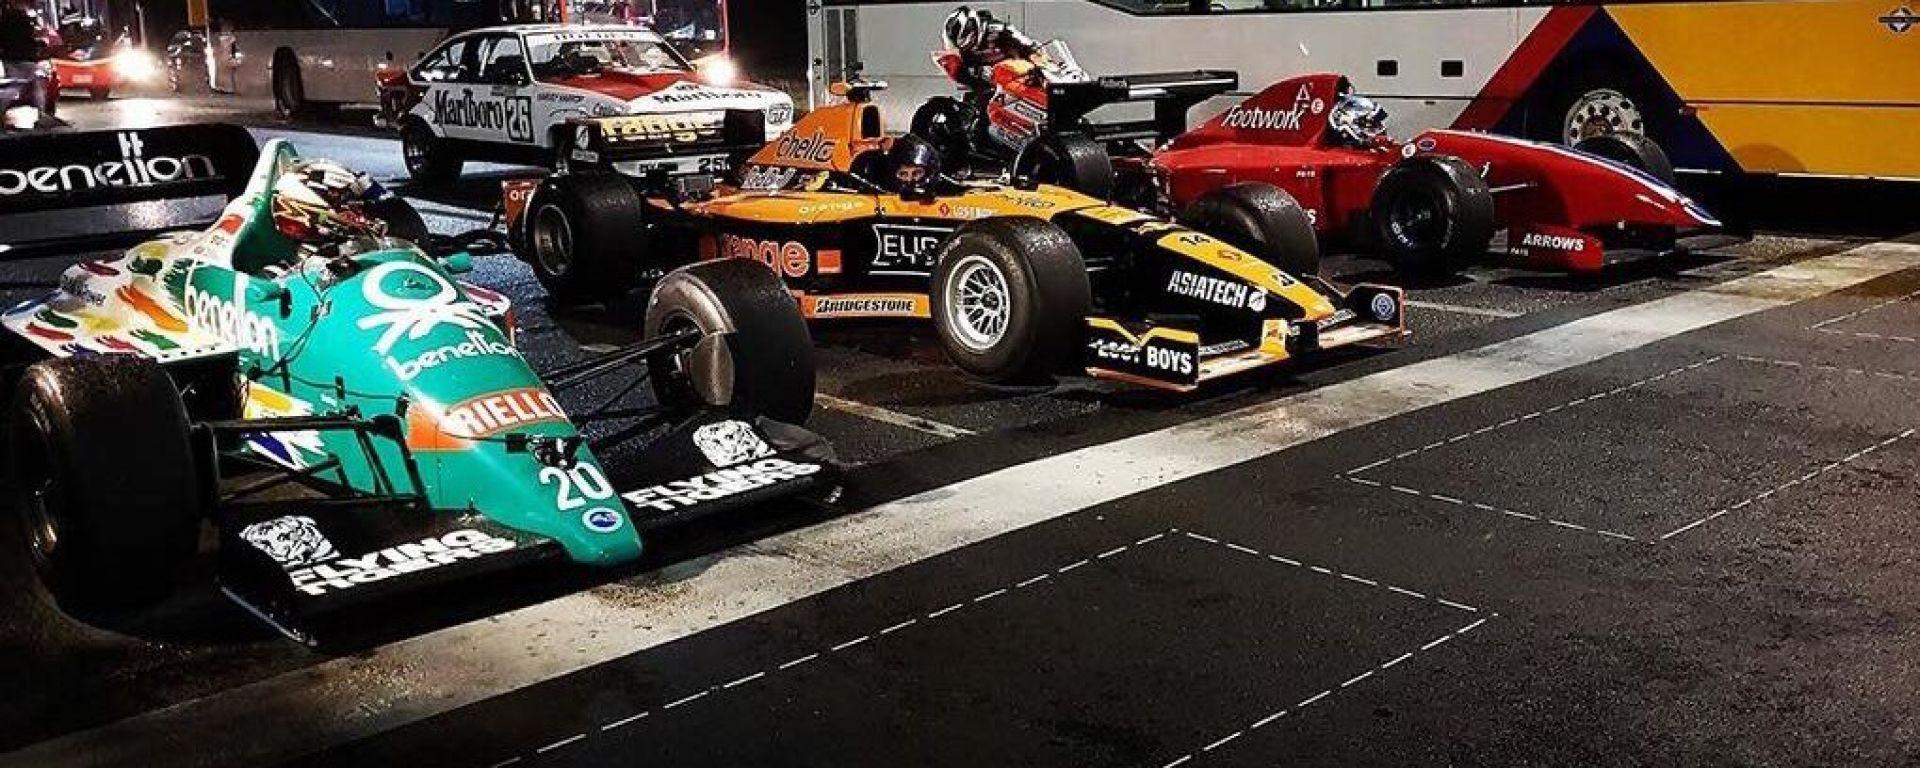 Formula 1 storiche in quel di Adelaide